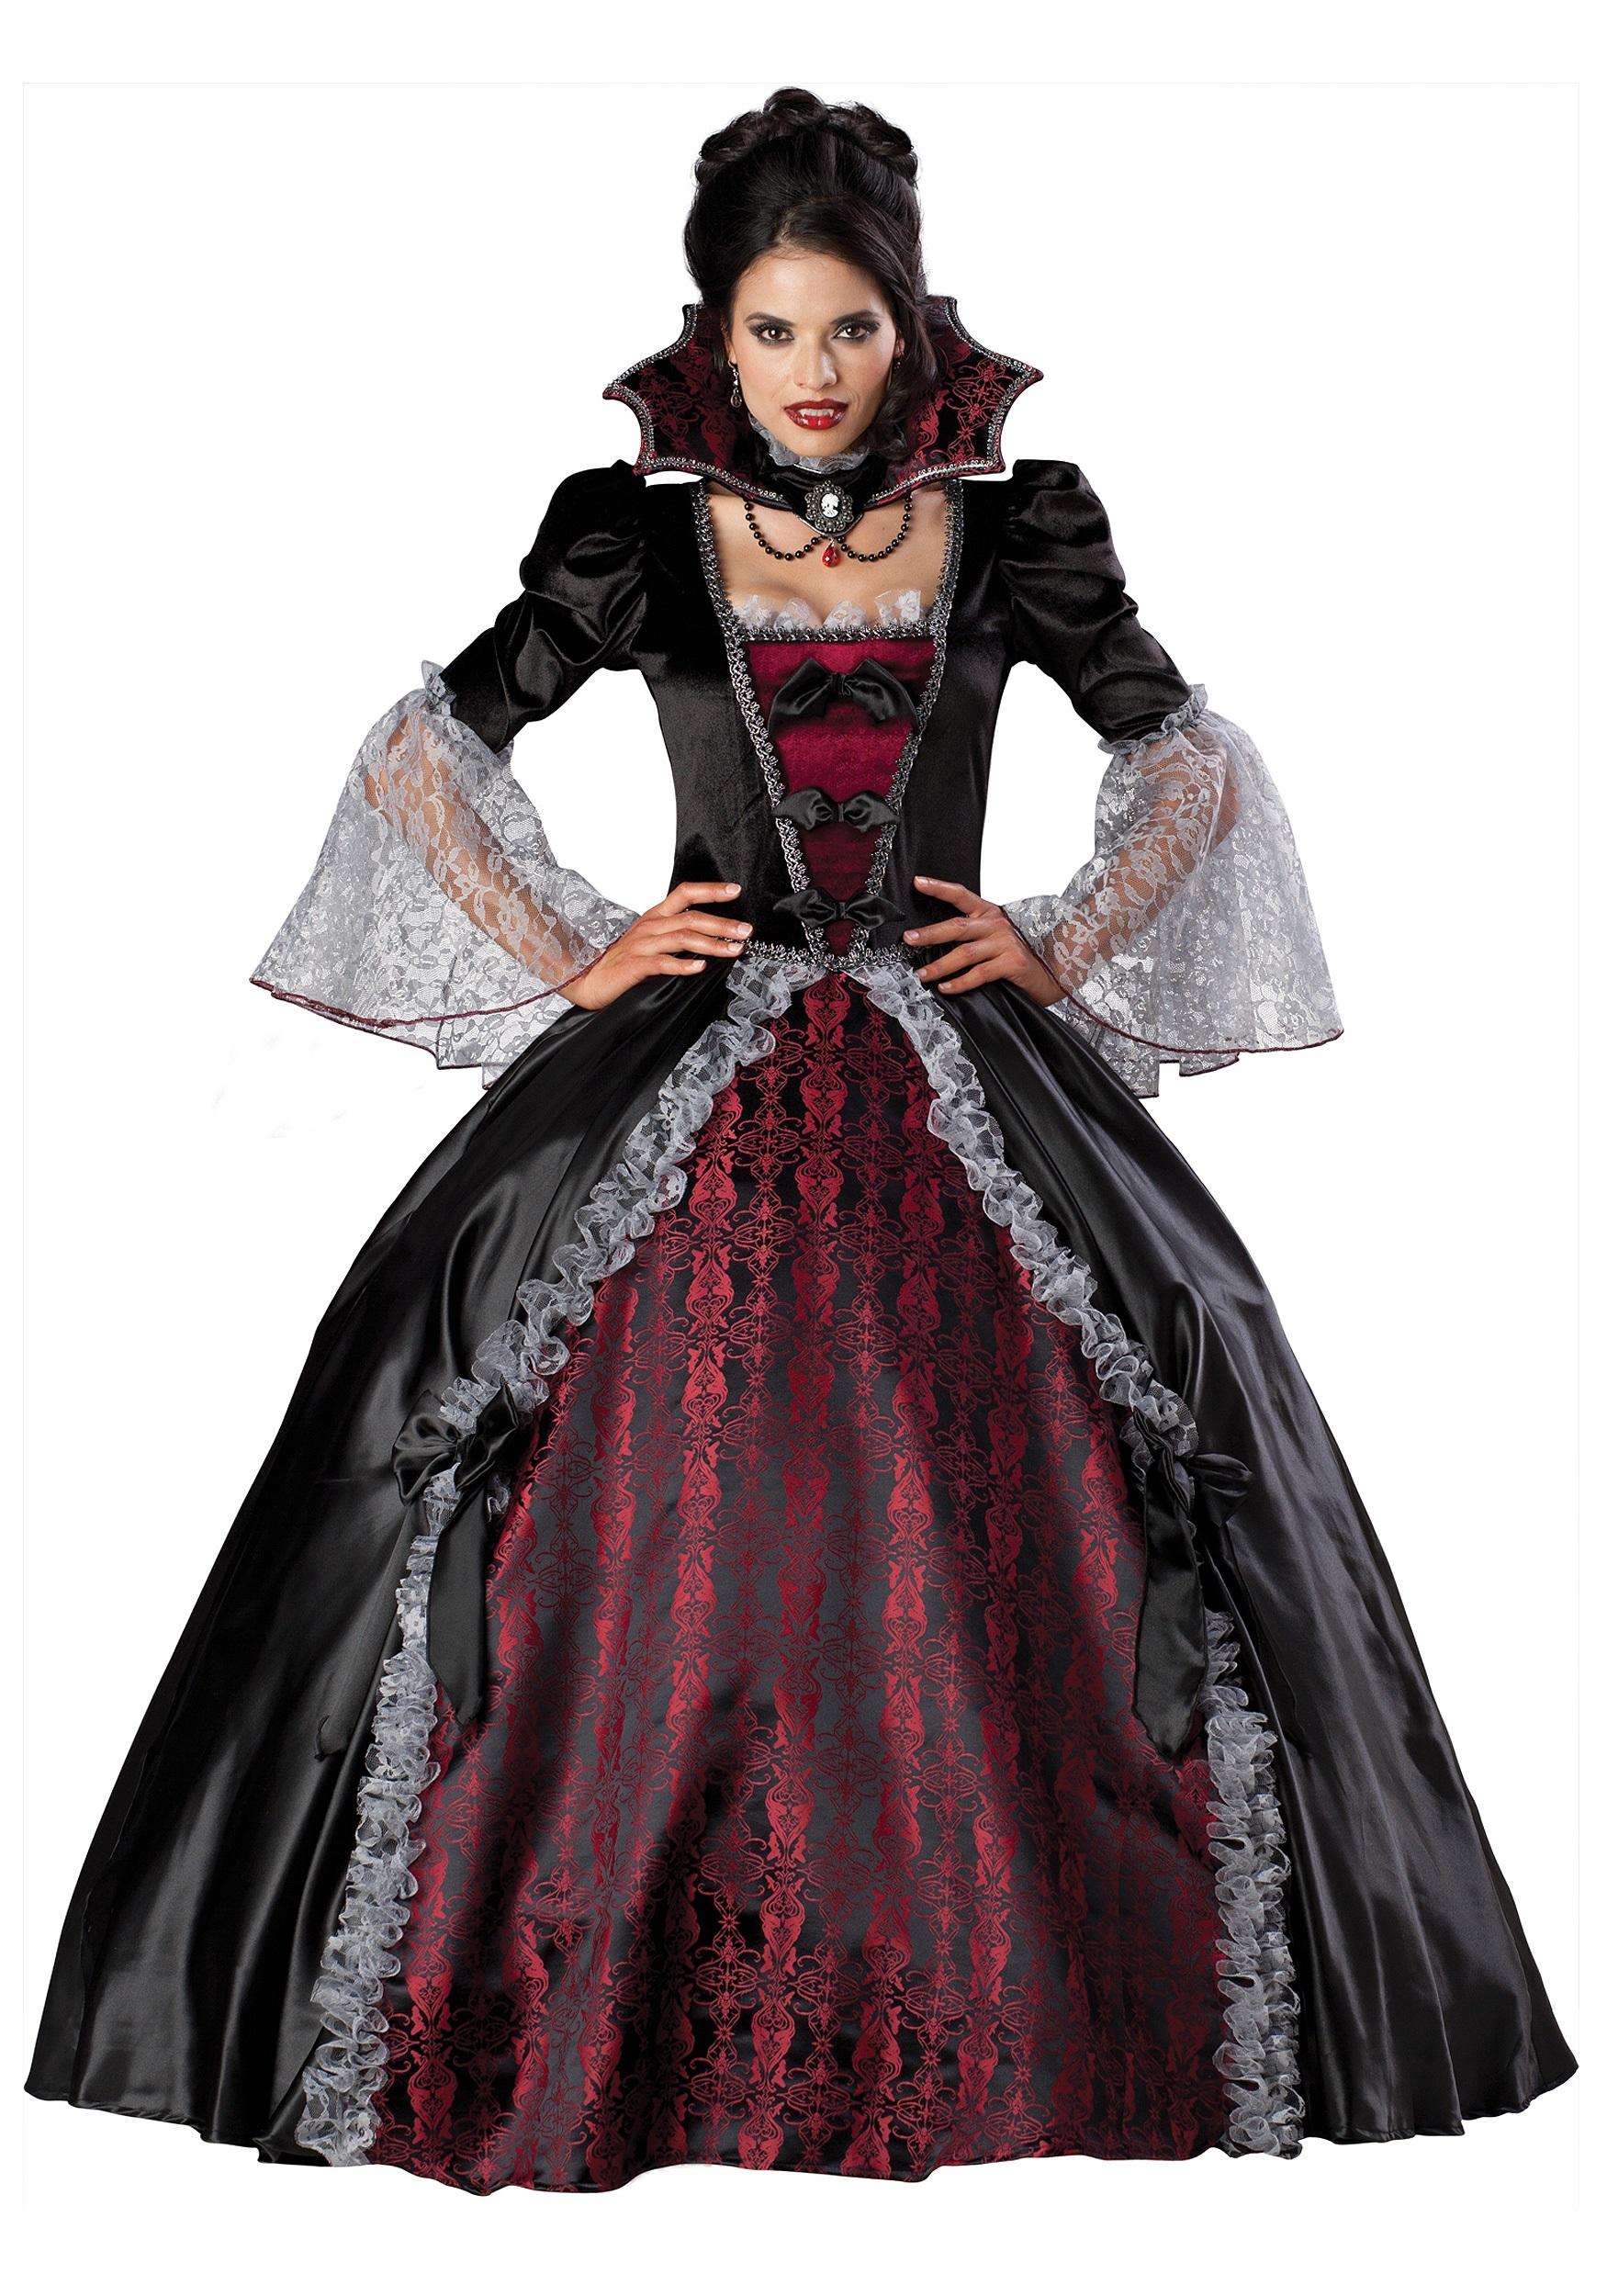 406b77ce342 Versailles Vampiress Costume